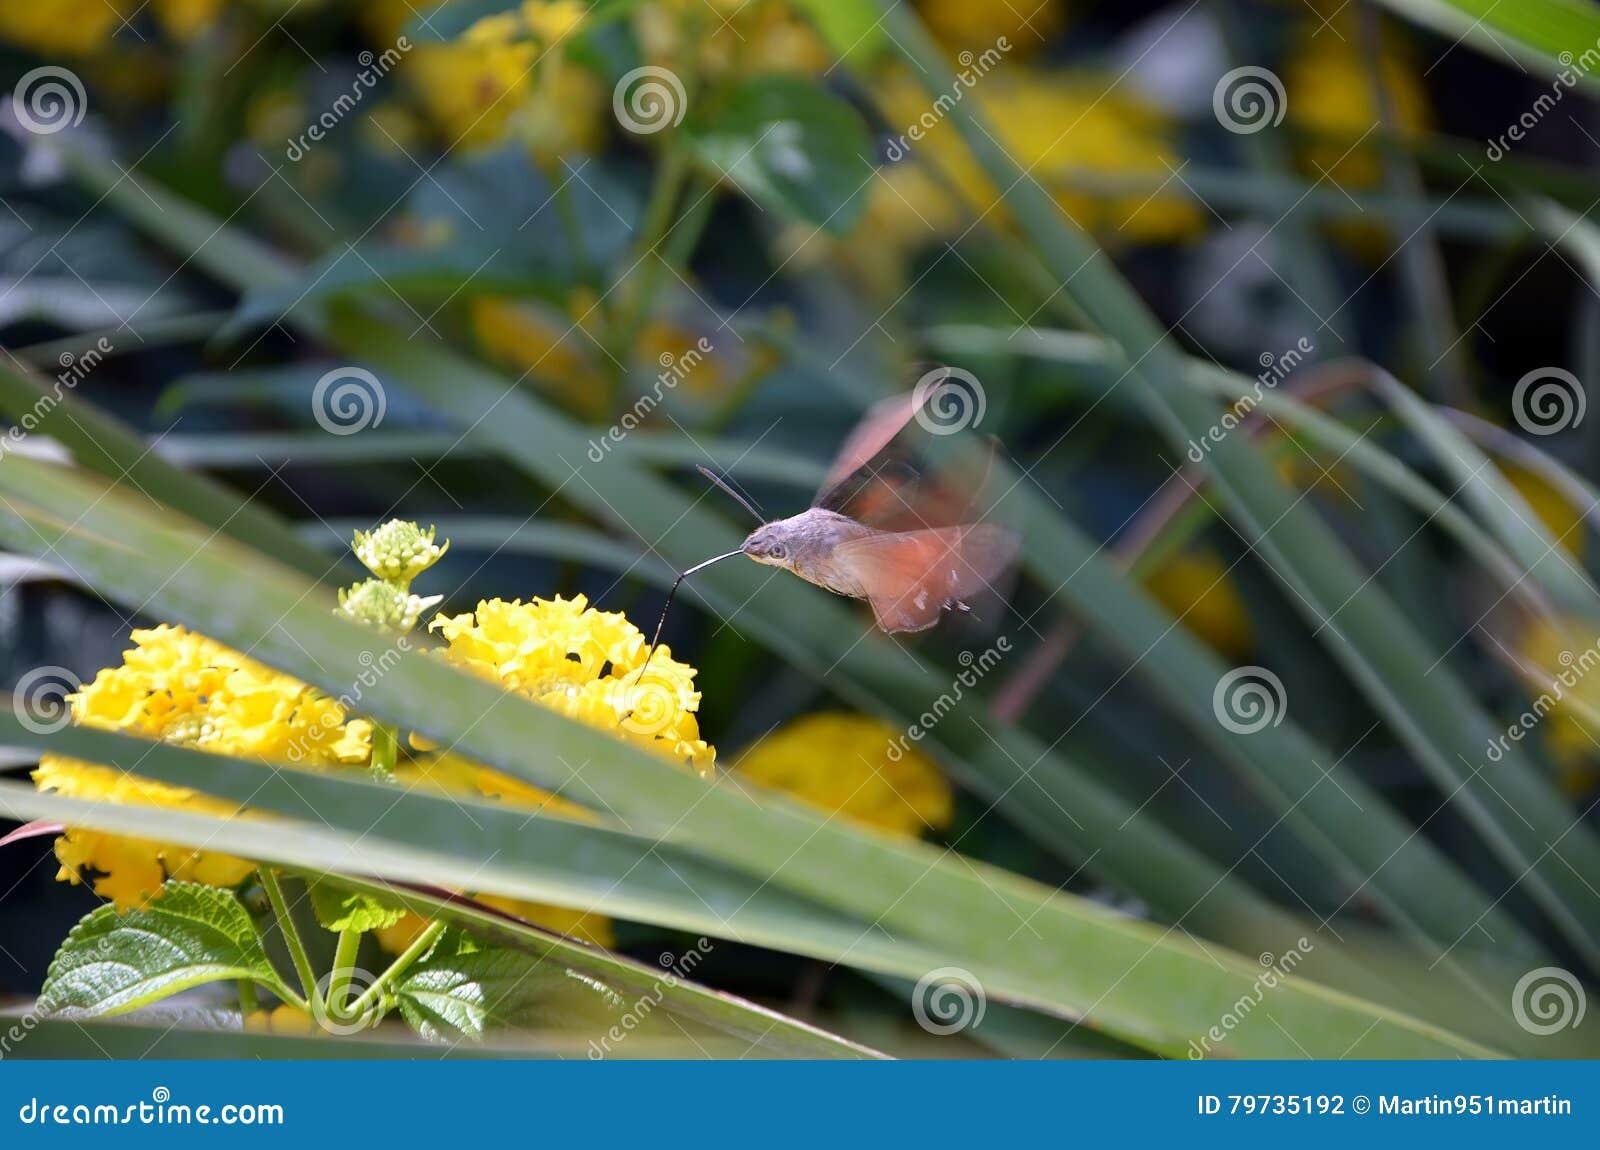 Insecto de la halcón-polilla del colibrí en fotografía del detalle del verano